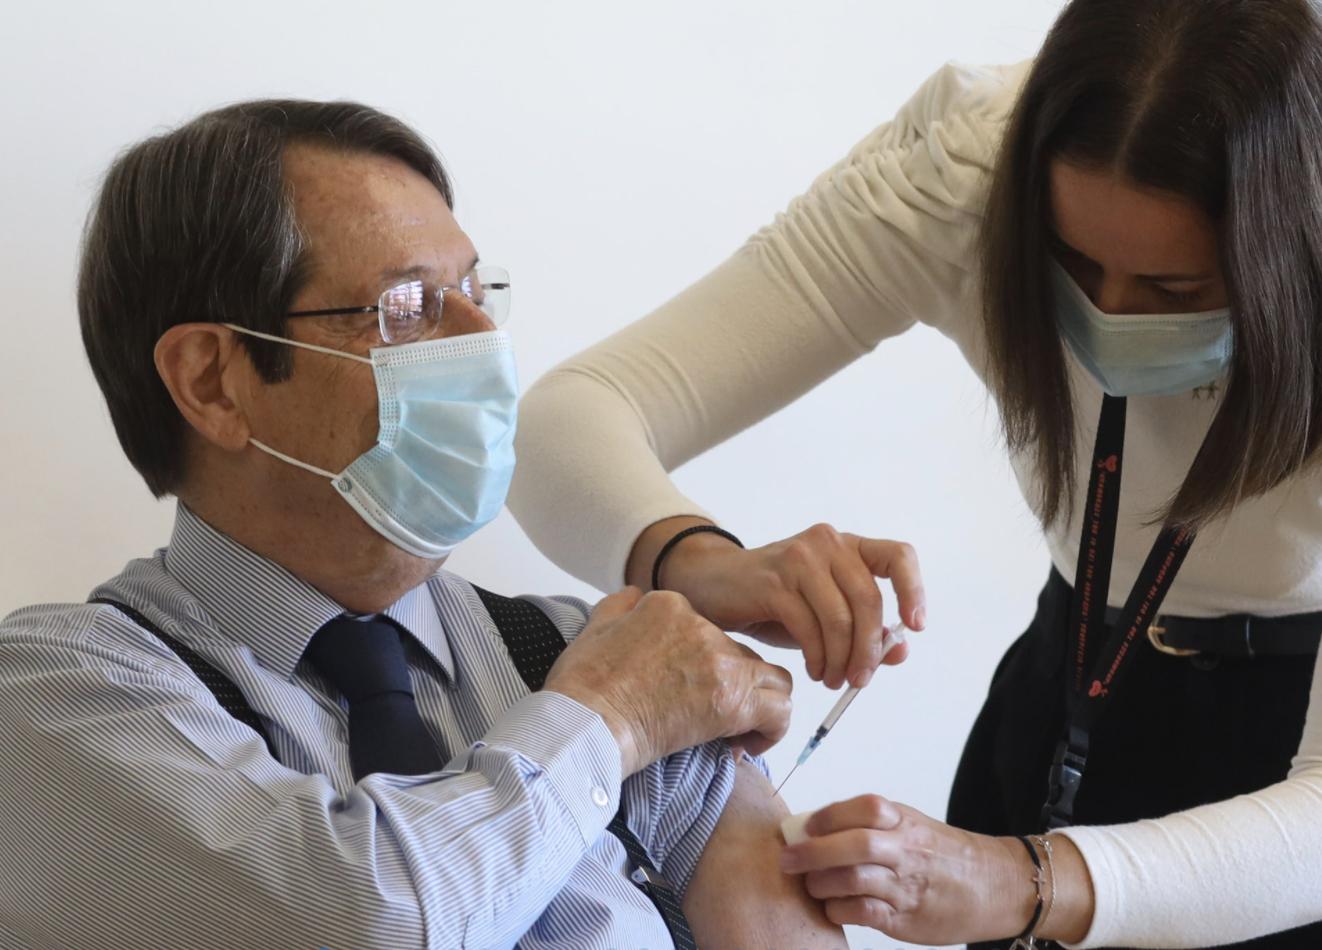 Κύπρος: Μήνυμα υπομονής, καρτερίας, αλλά και ελπίδας έστειλε ο Αναστασιάδης μετά τον επαναληπτικό του εμβολιασμό